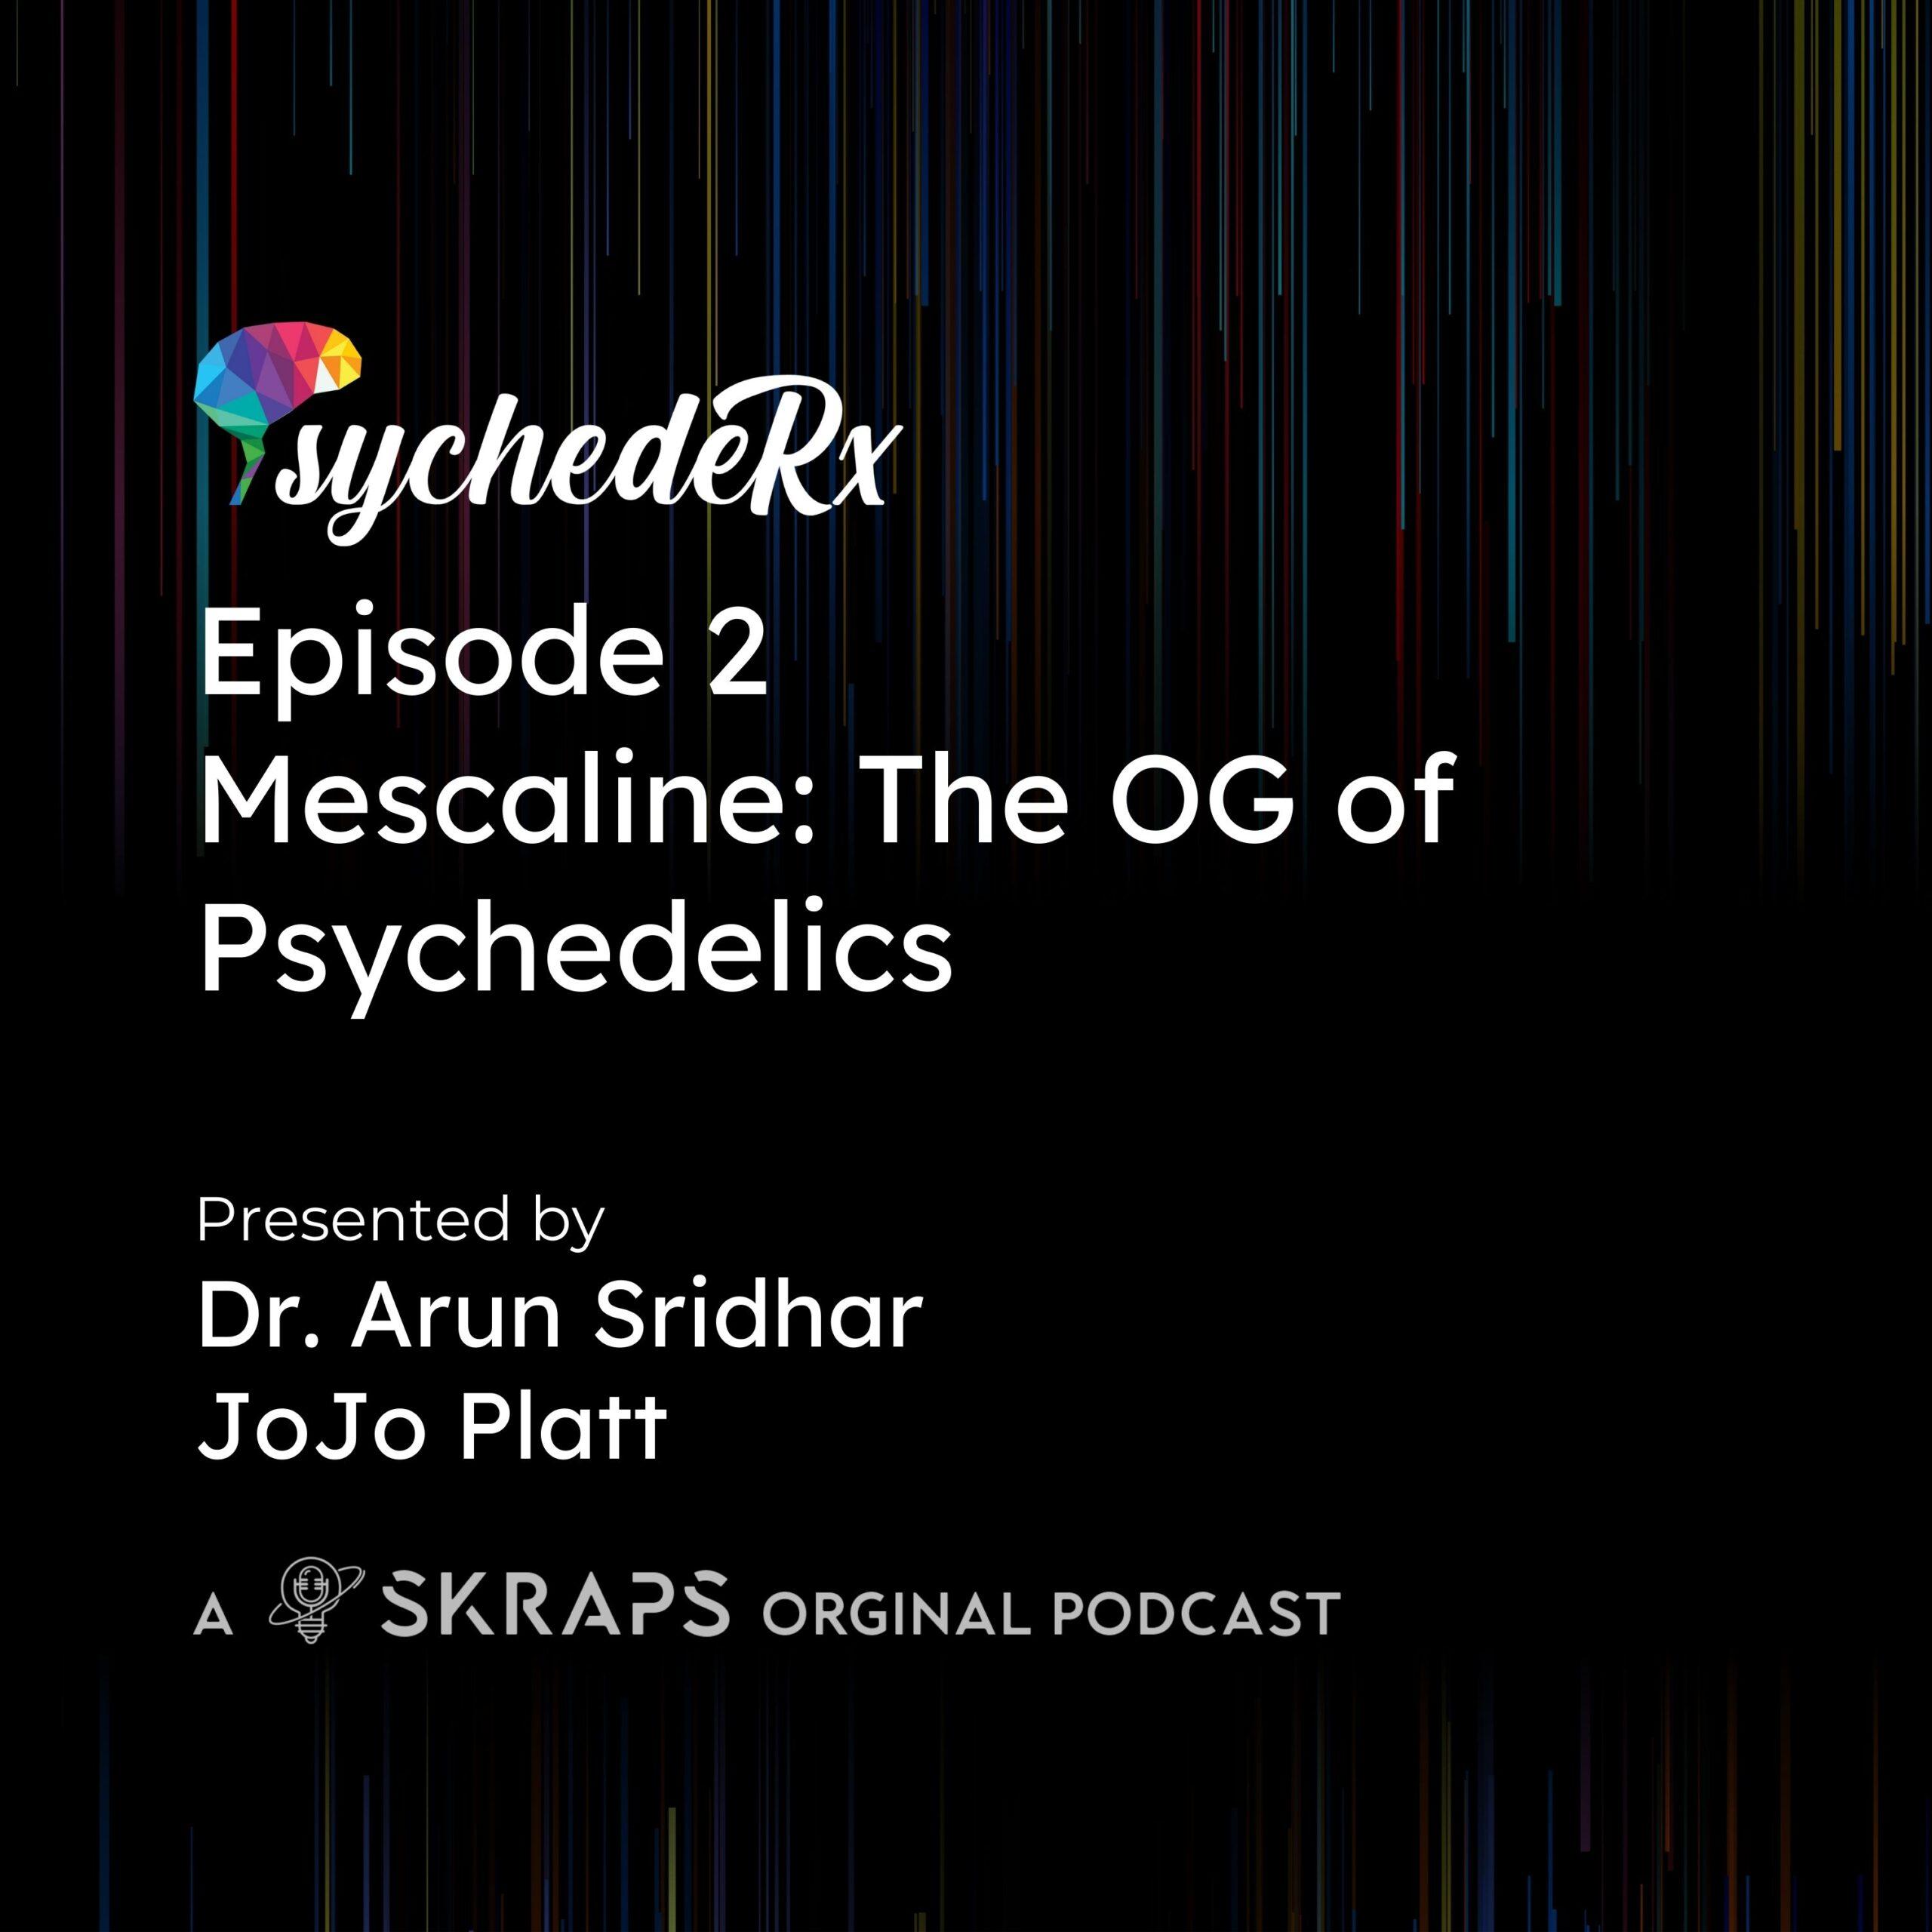 Episode 2: Mescaline: The OG of Psychedelics